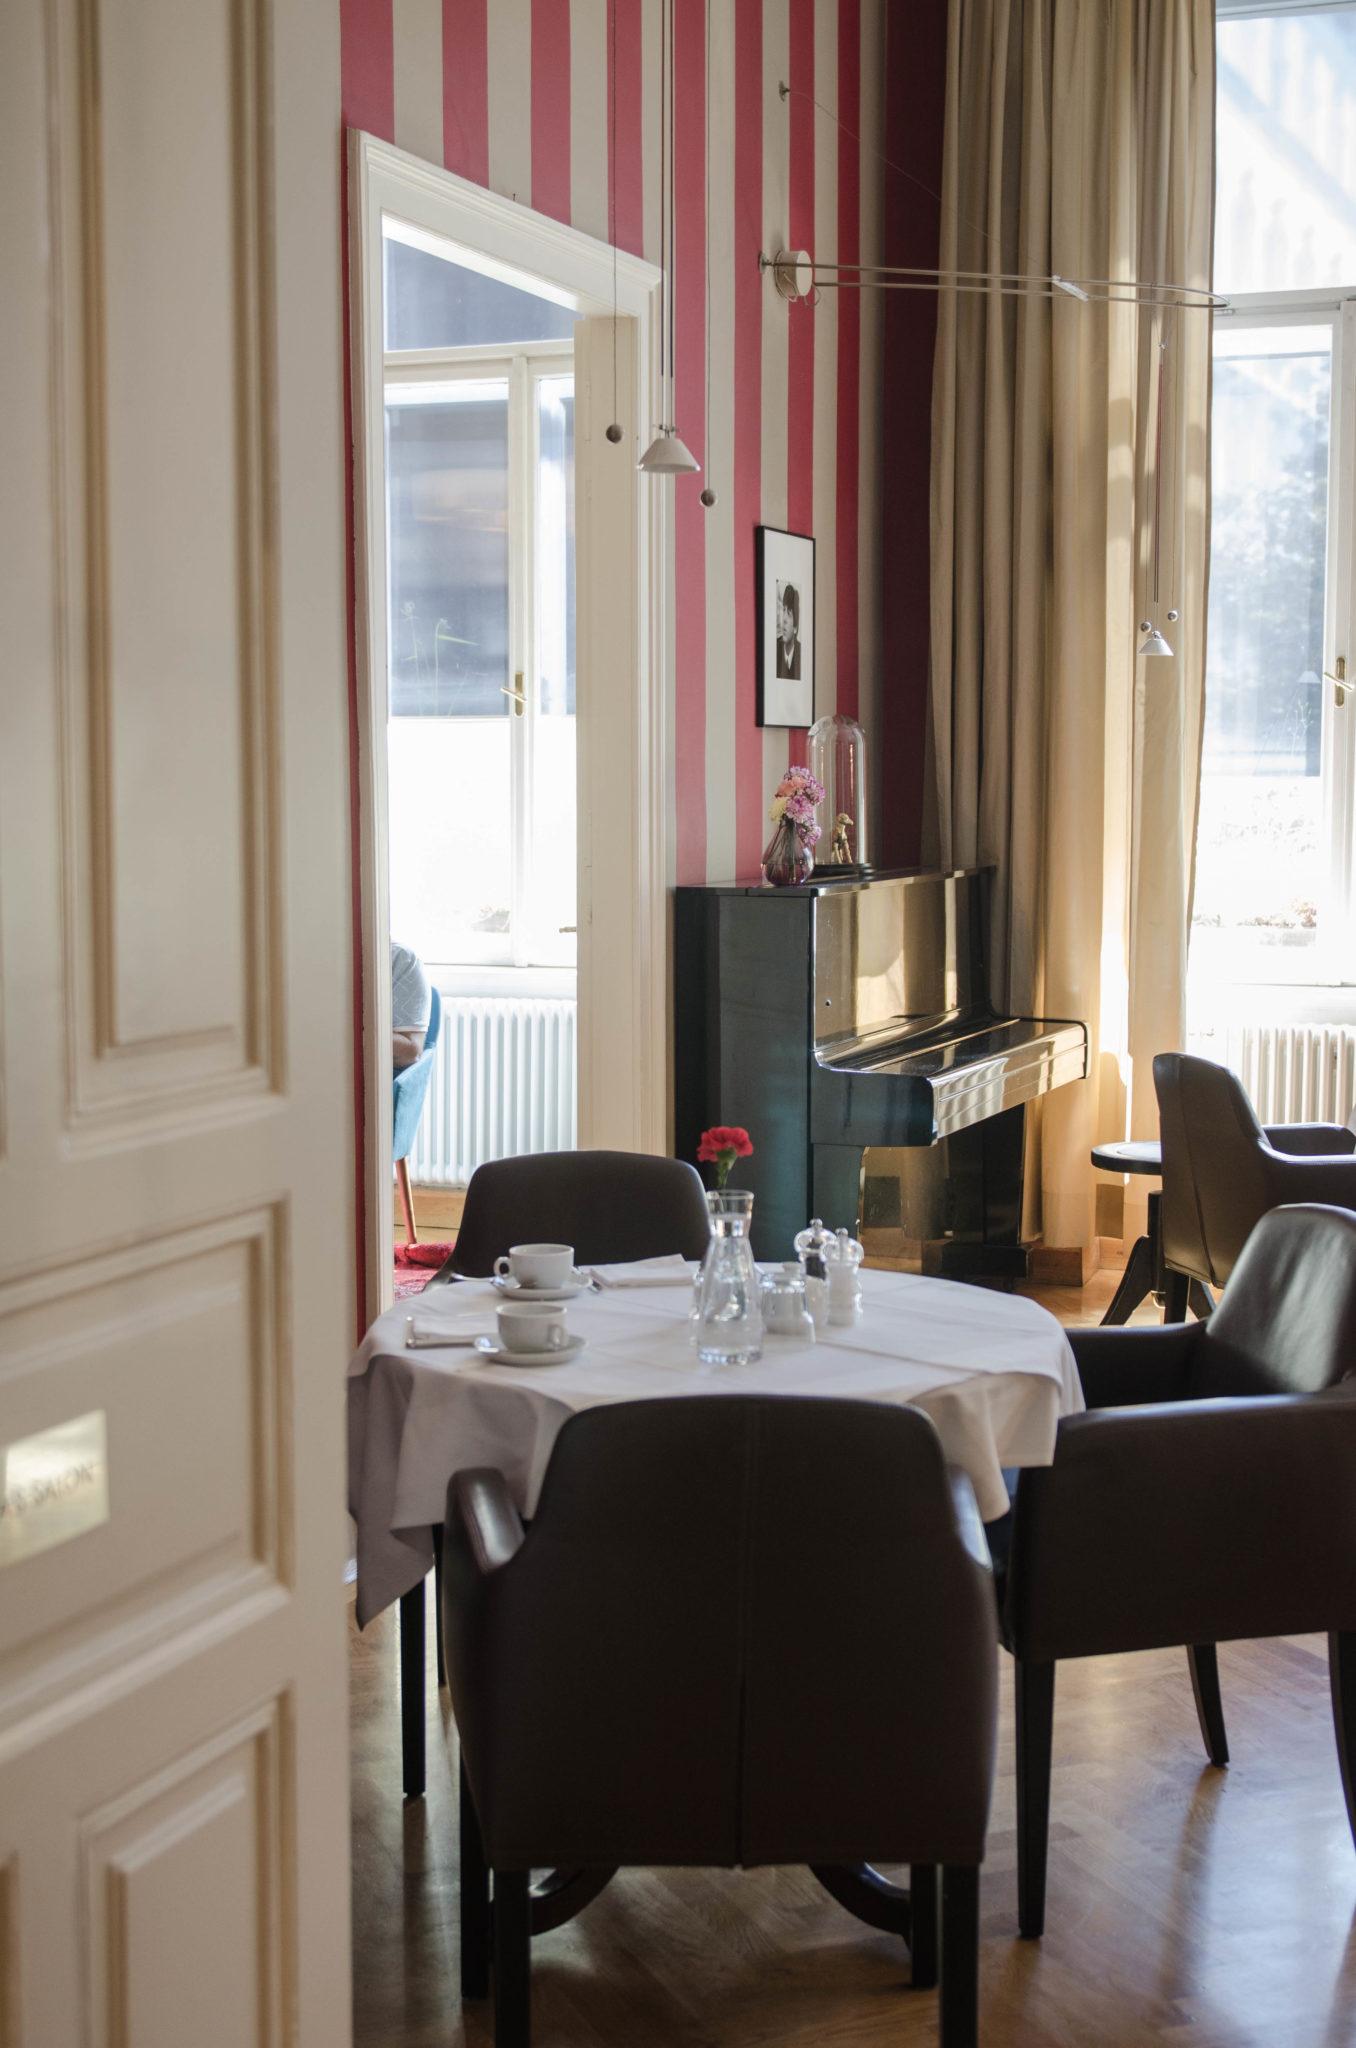 Boutique Hotel Wien: Das Hotel Altstadt Vienna